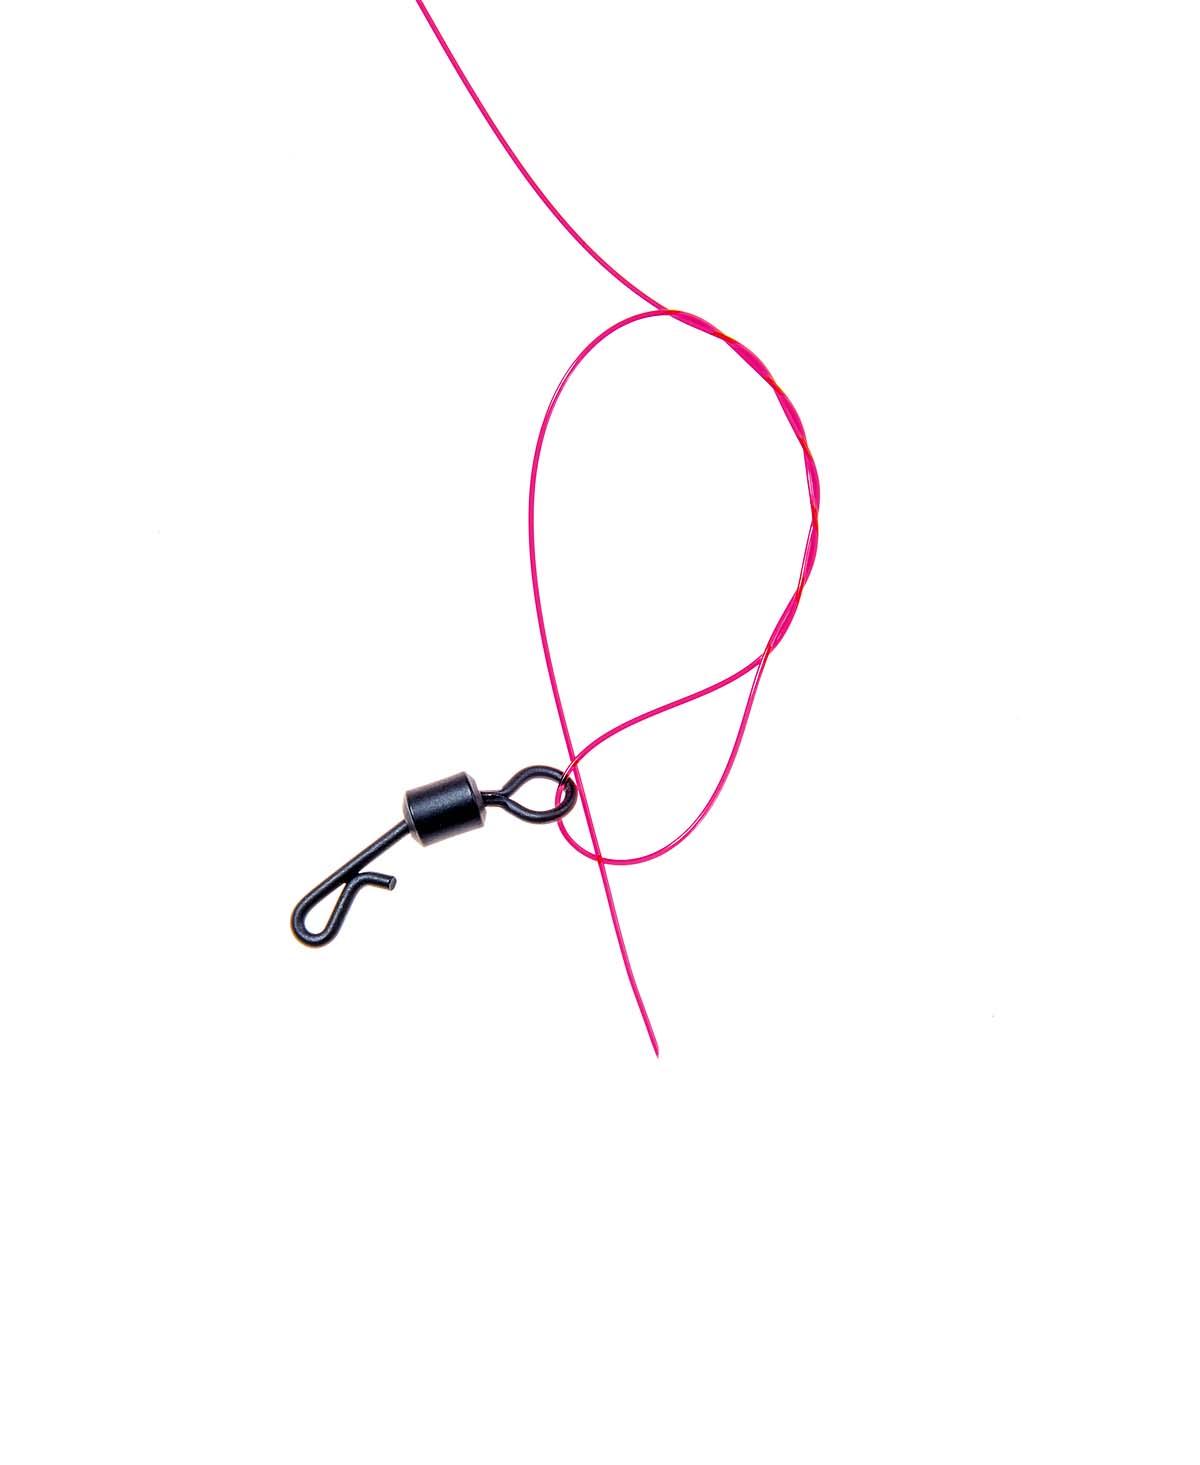 Im nächsten Schritt einen Schnellwechsel-Wirbel mittels Clinchknoten befestigen. Foto: BLINKER/W. Krause